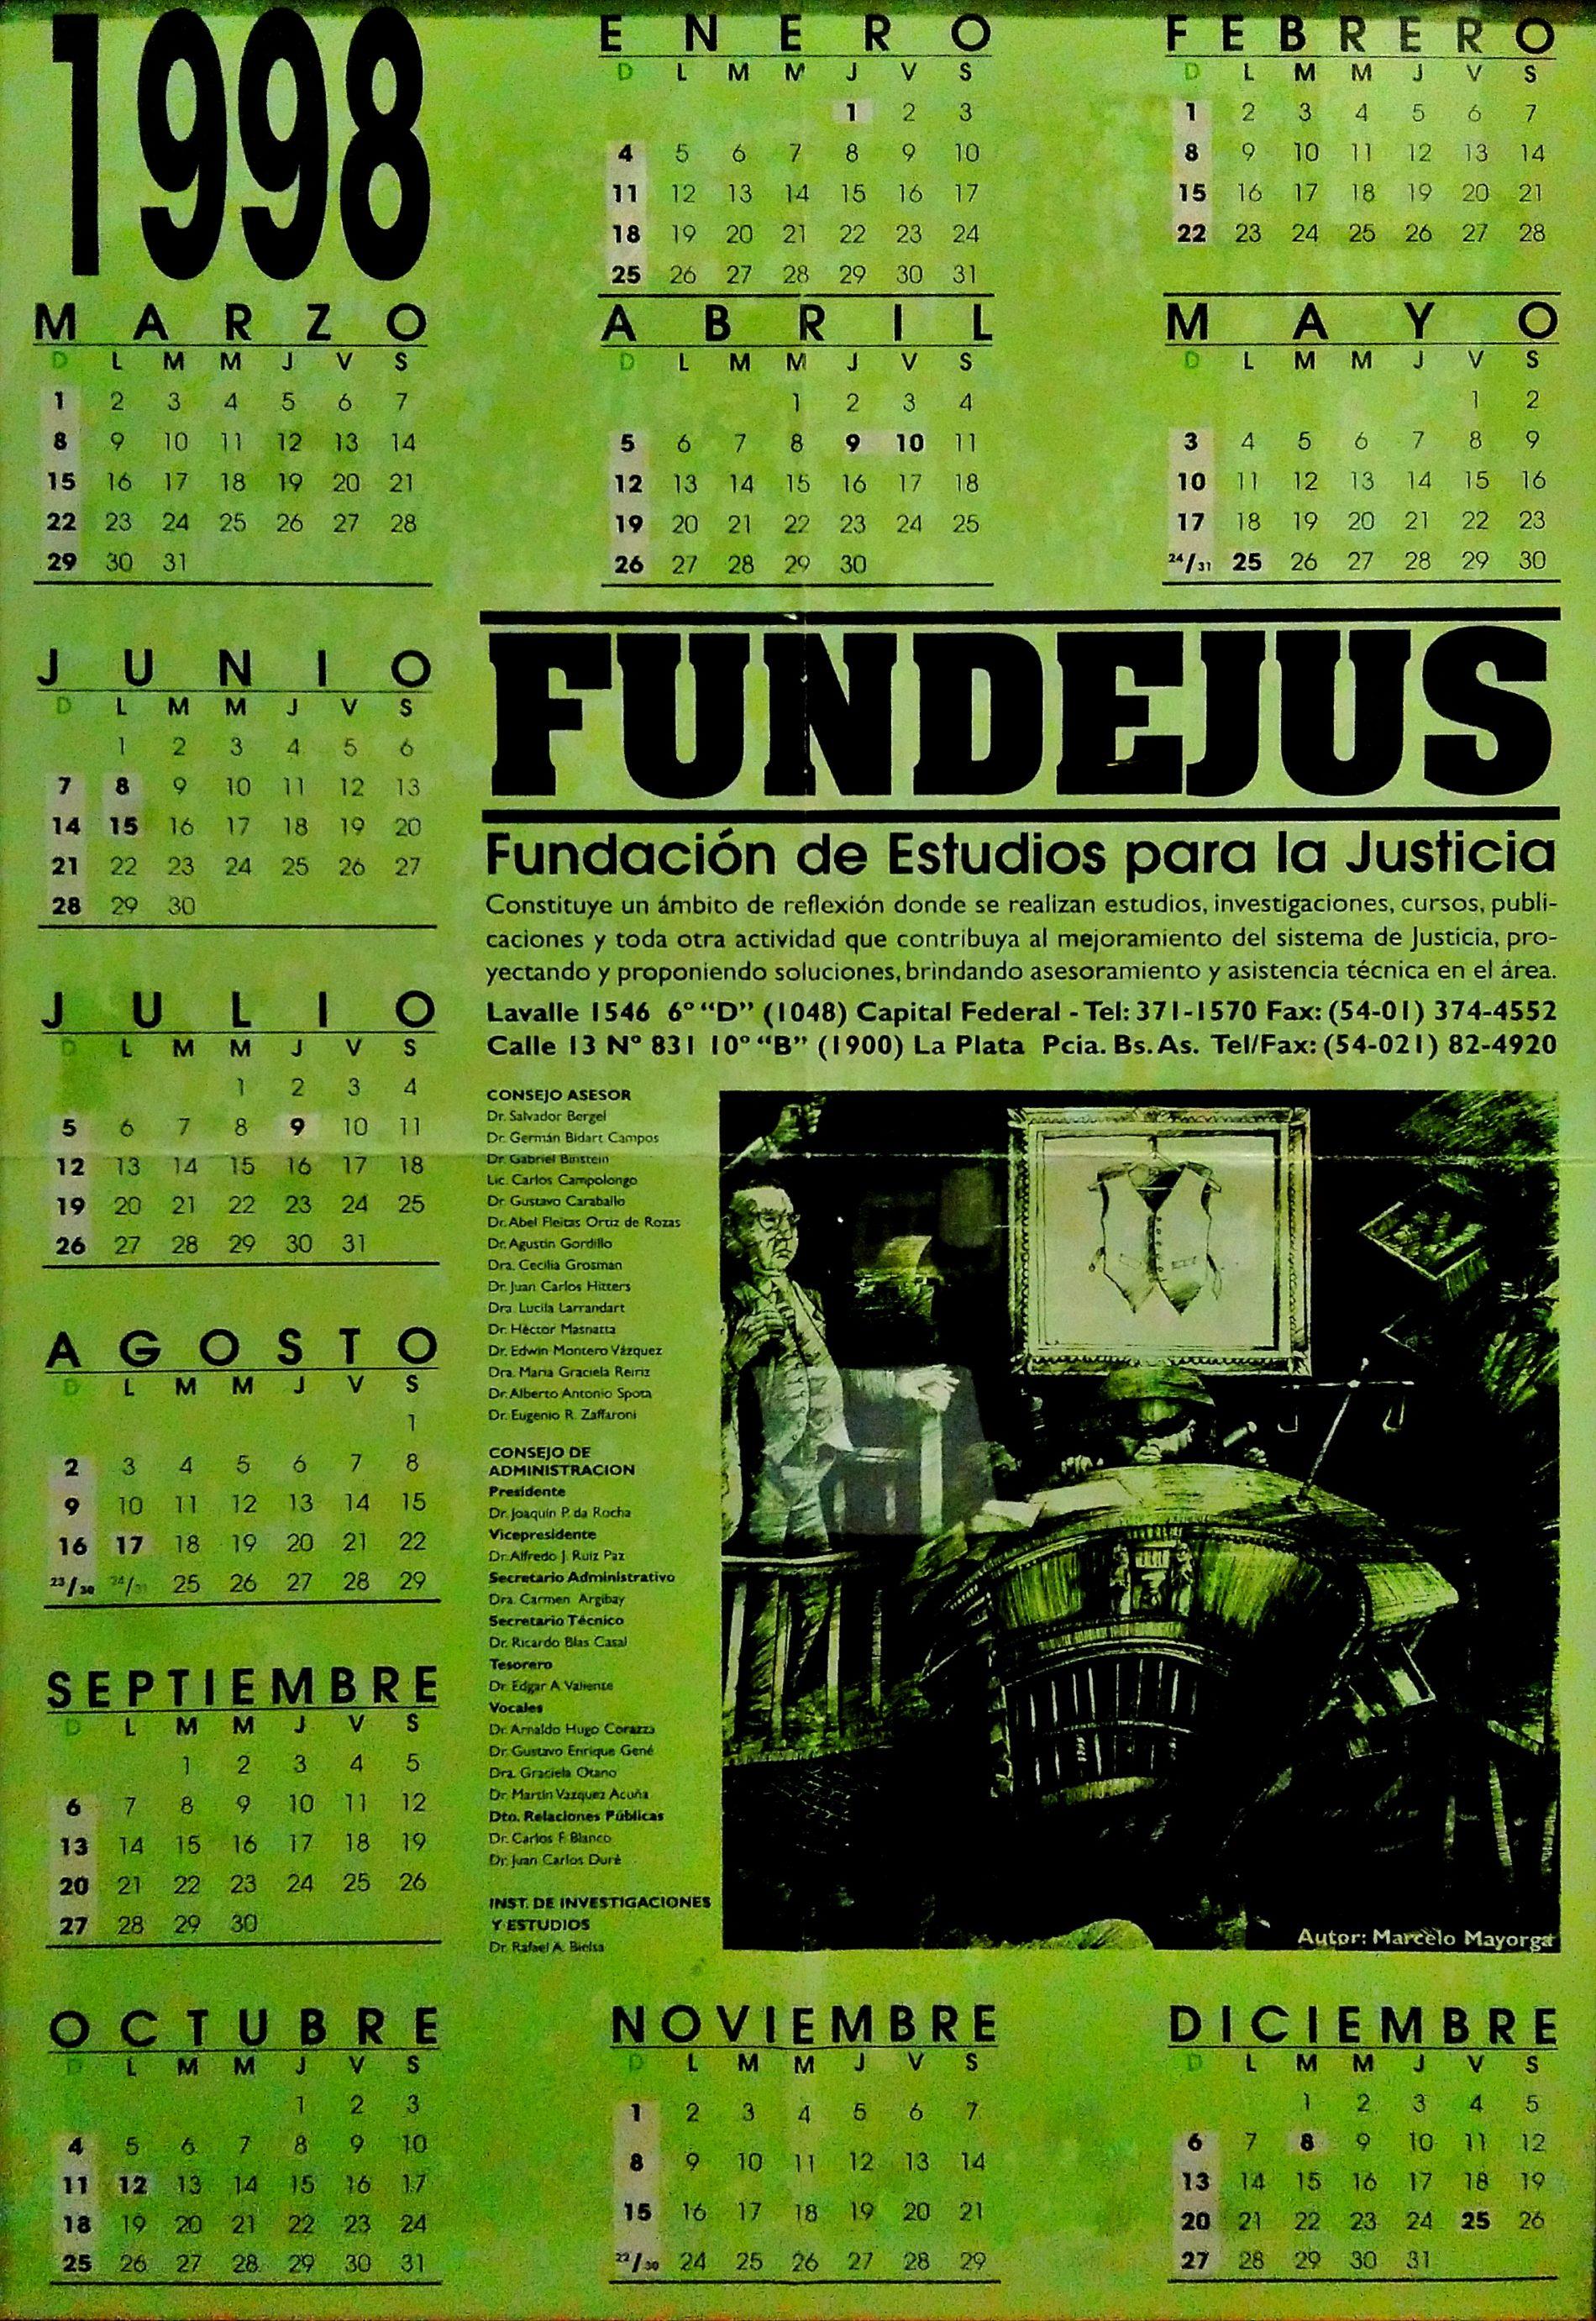 Almanaque 1998